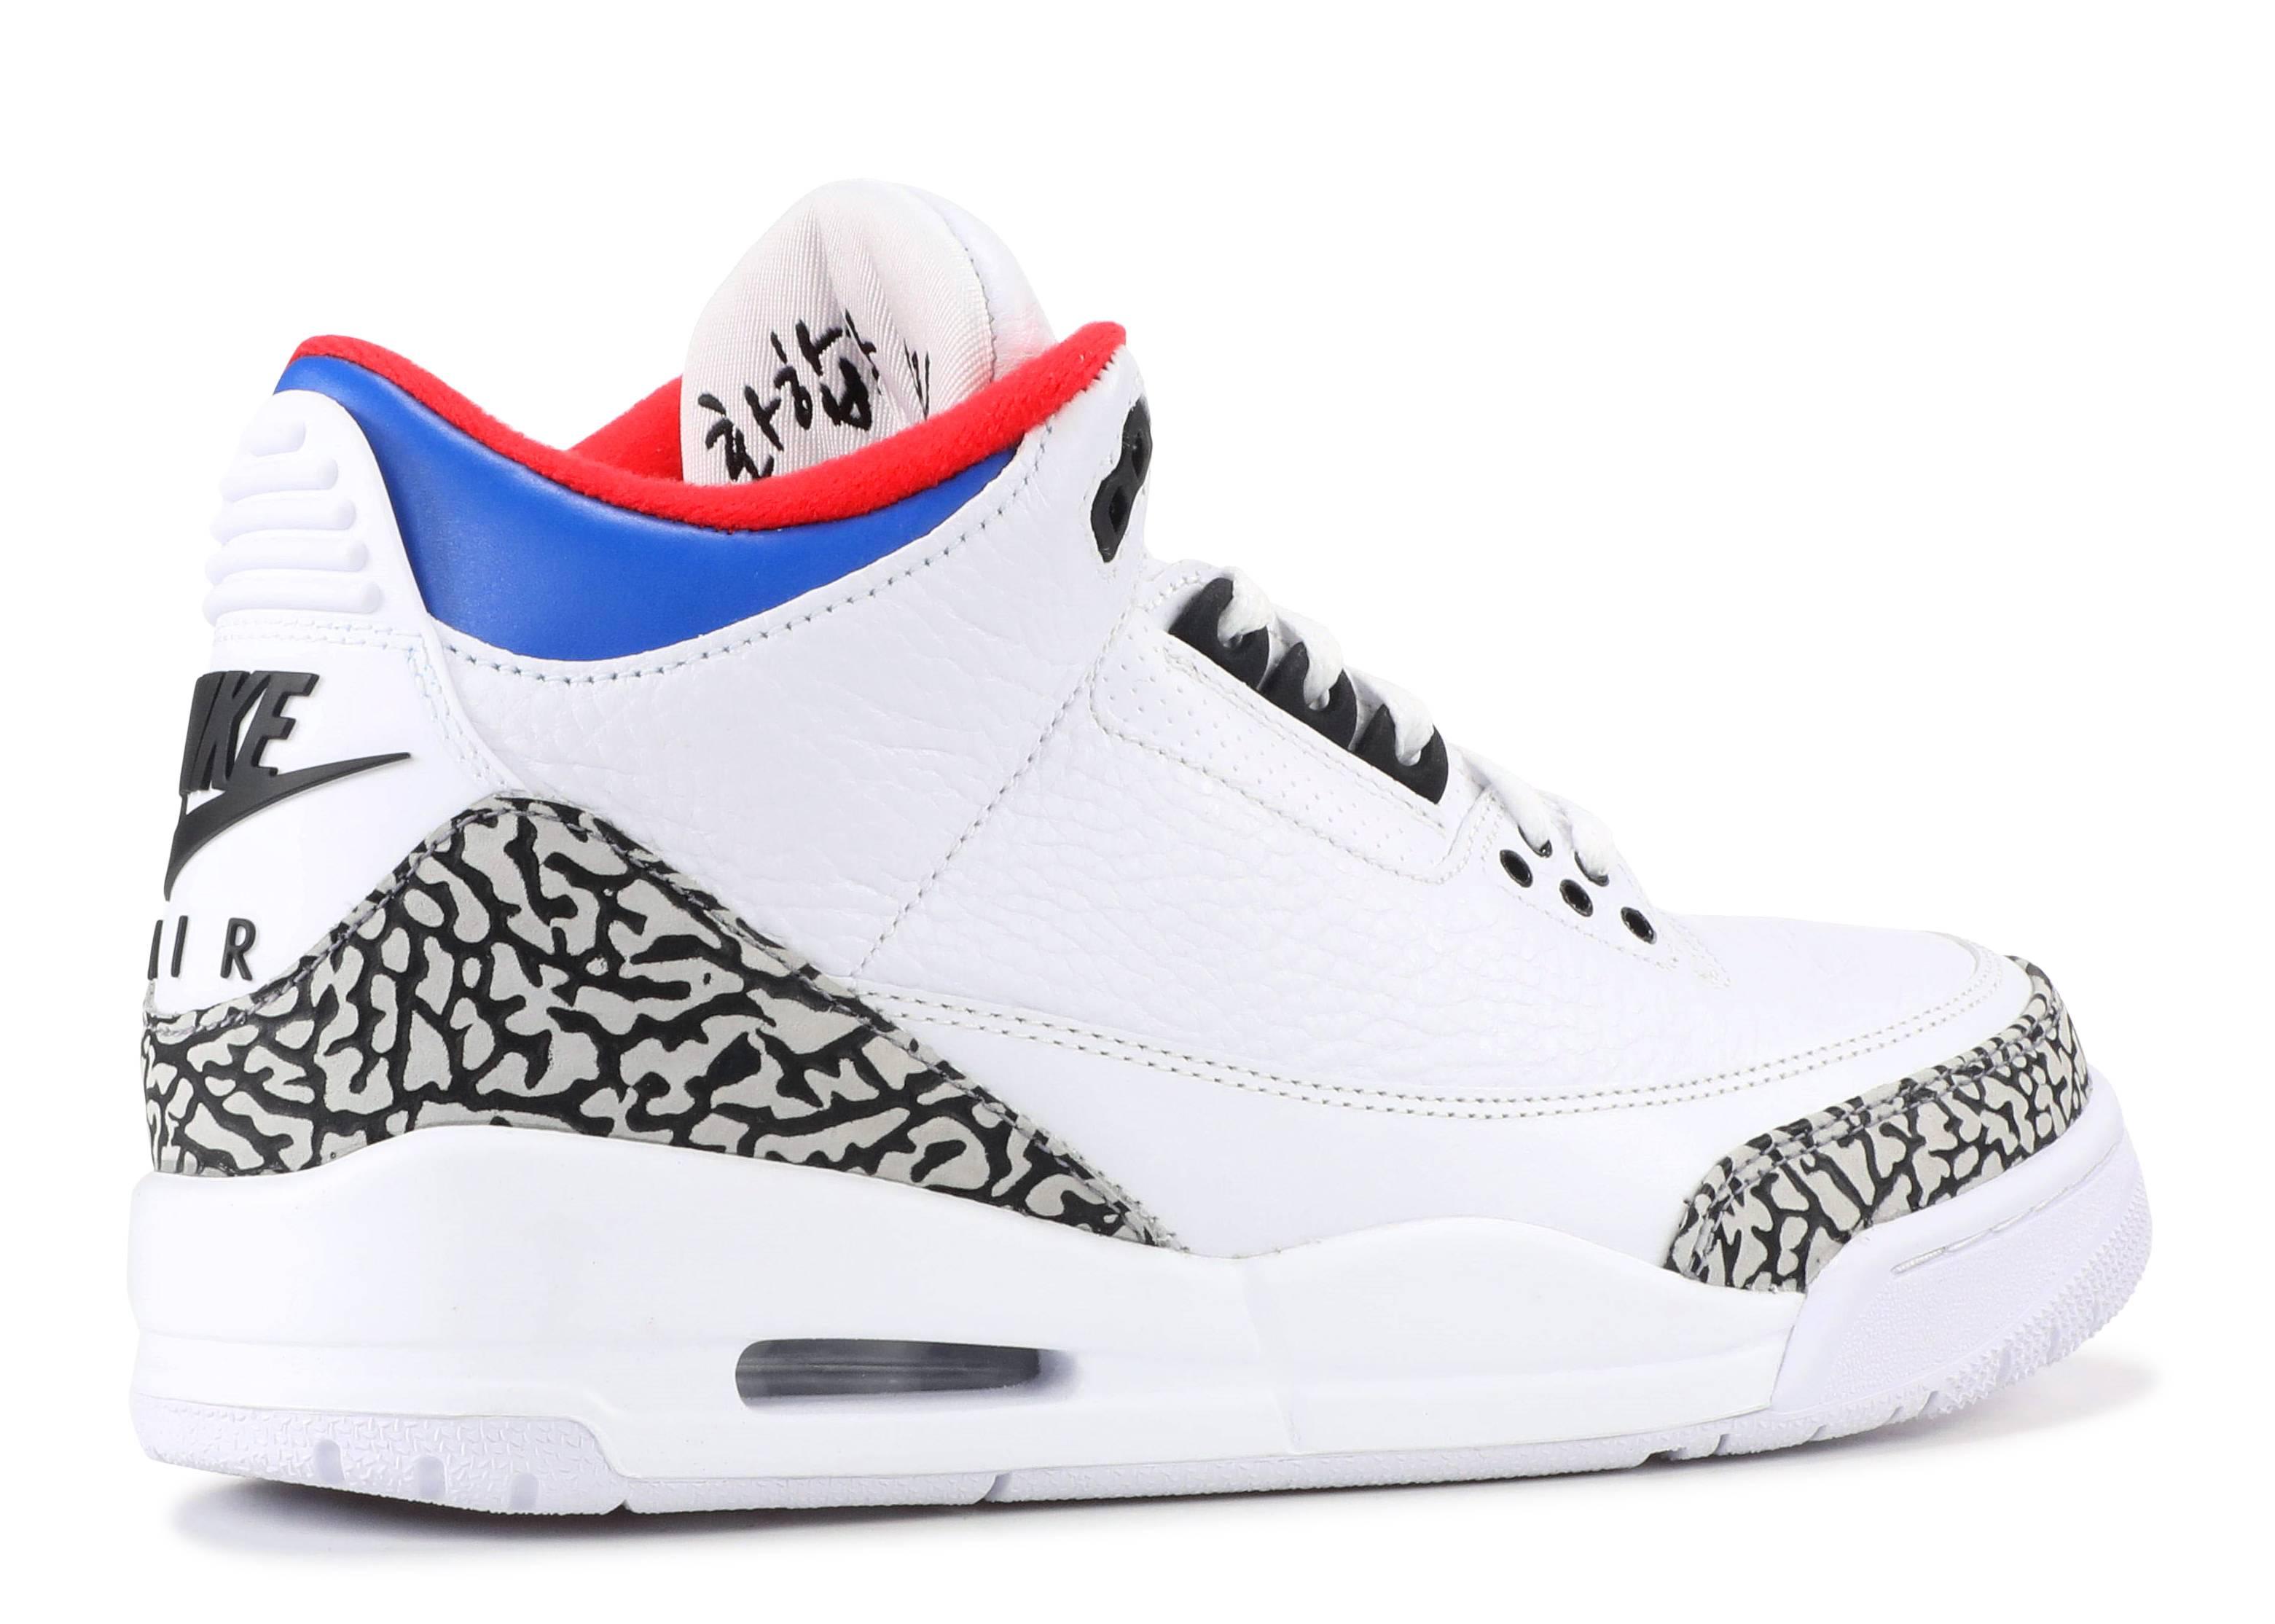 8304086e09c60c Air Jordan 3 Retro